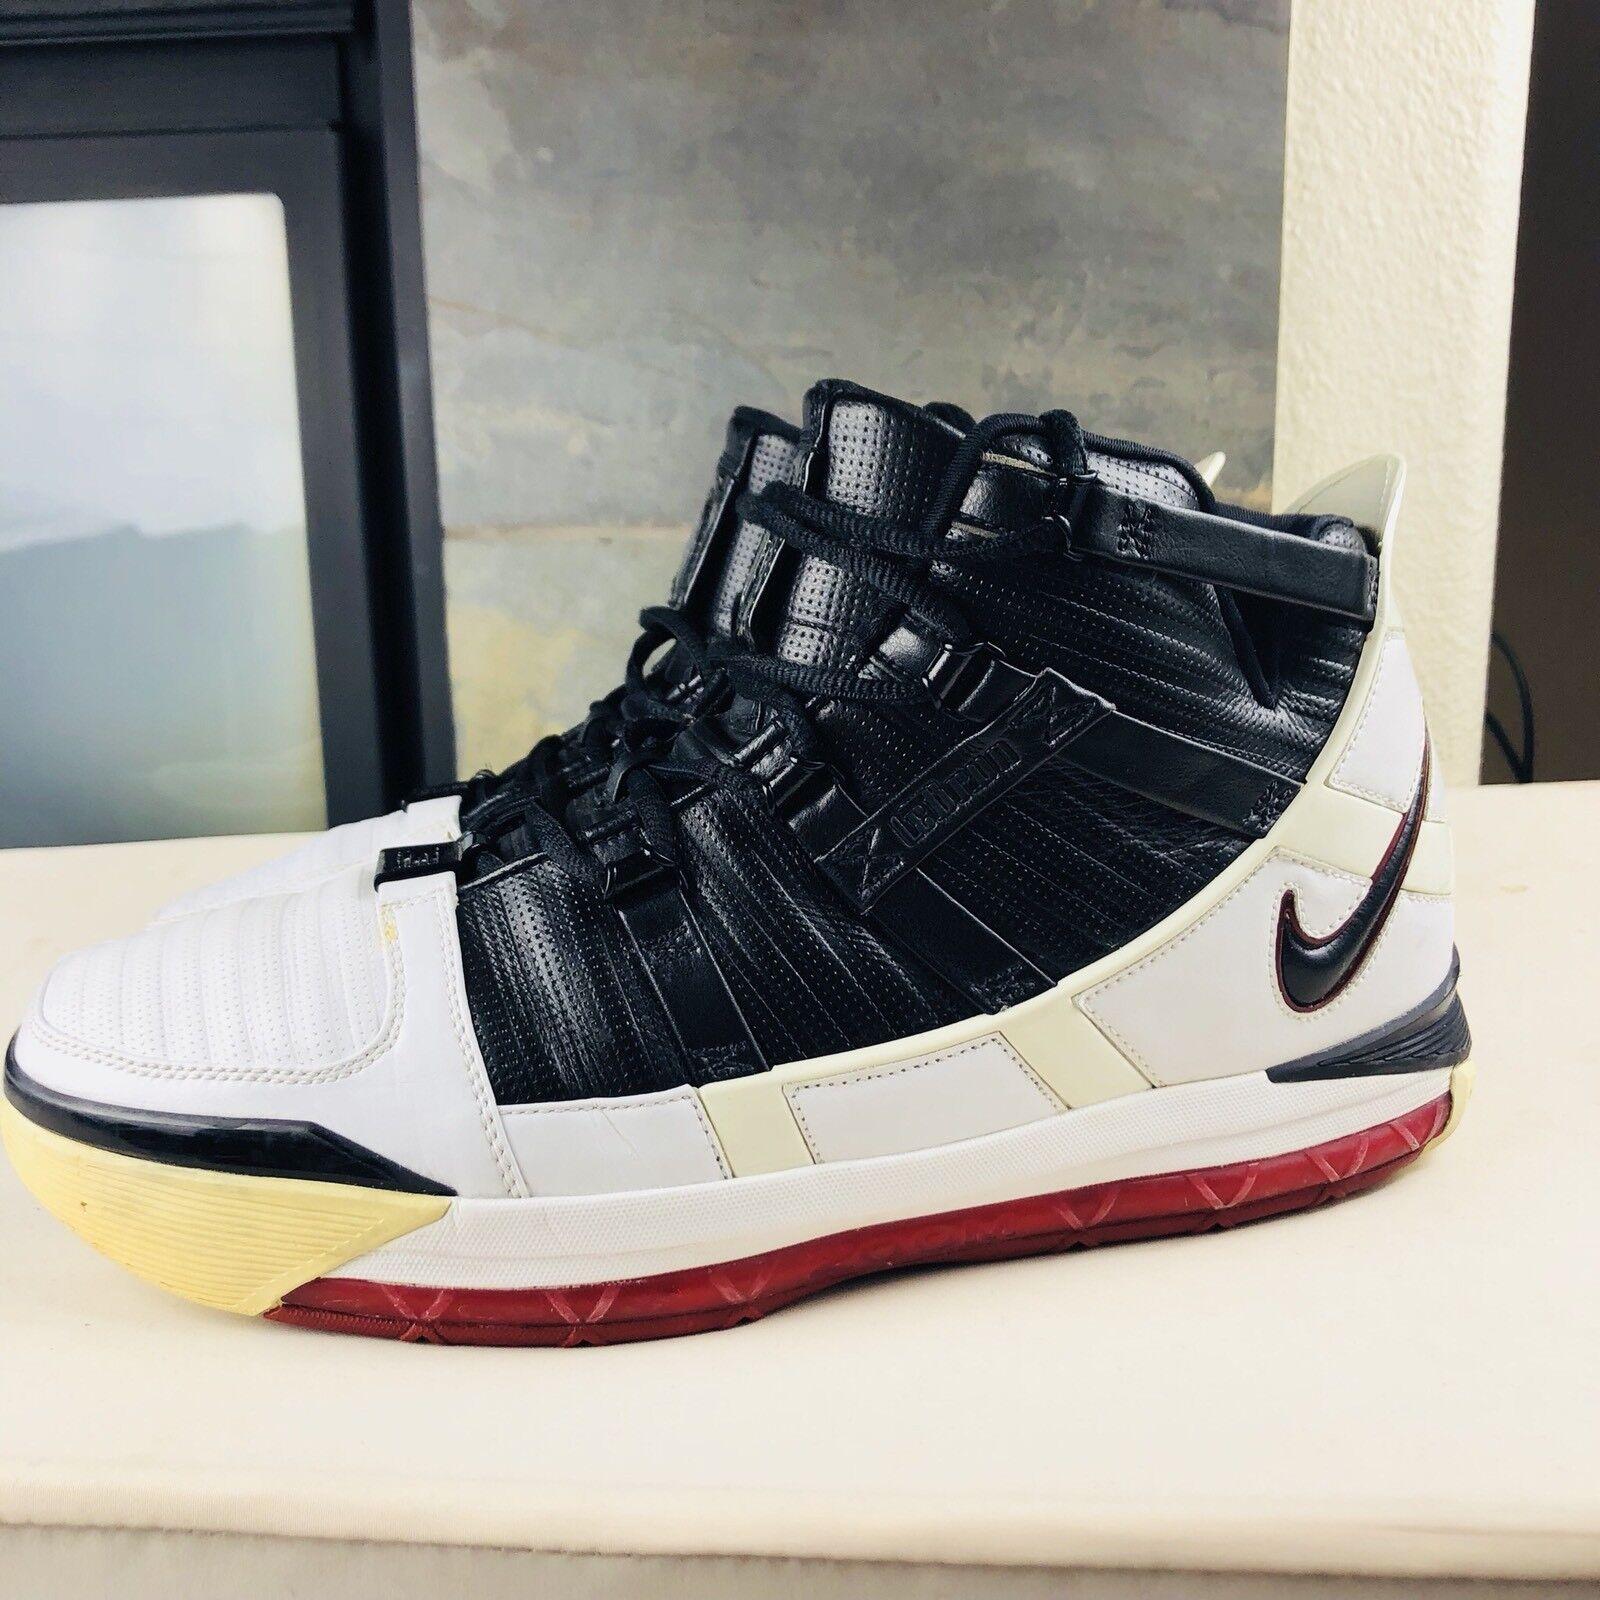 Nike lebron james iii zoom rosso - nero 312147-101